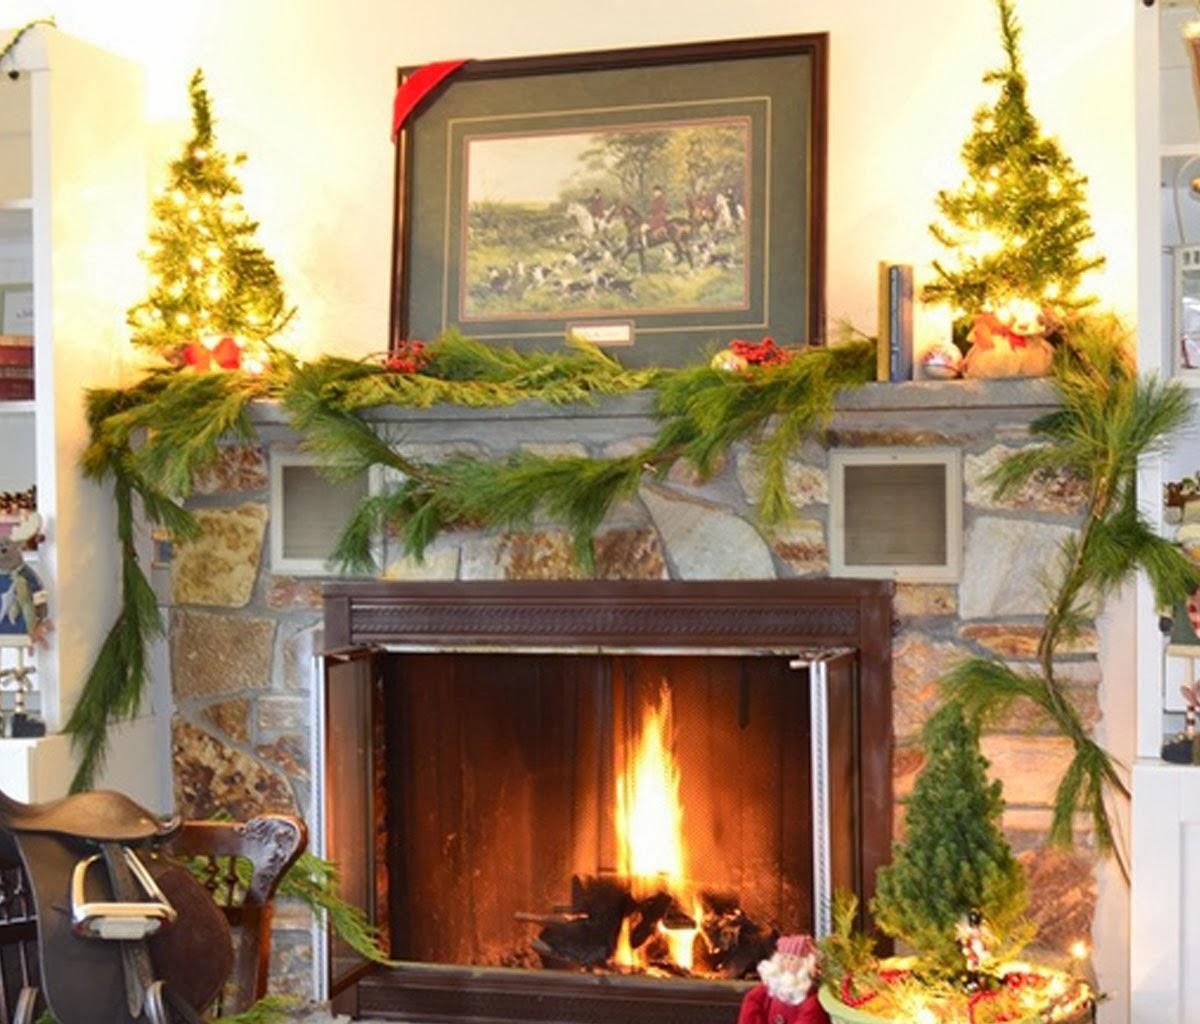 Decoracion de chimeneas para navidad parte 5 - Decoracion para chimeneas ...